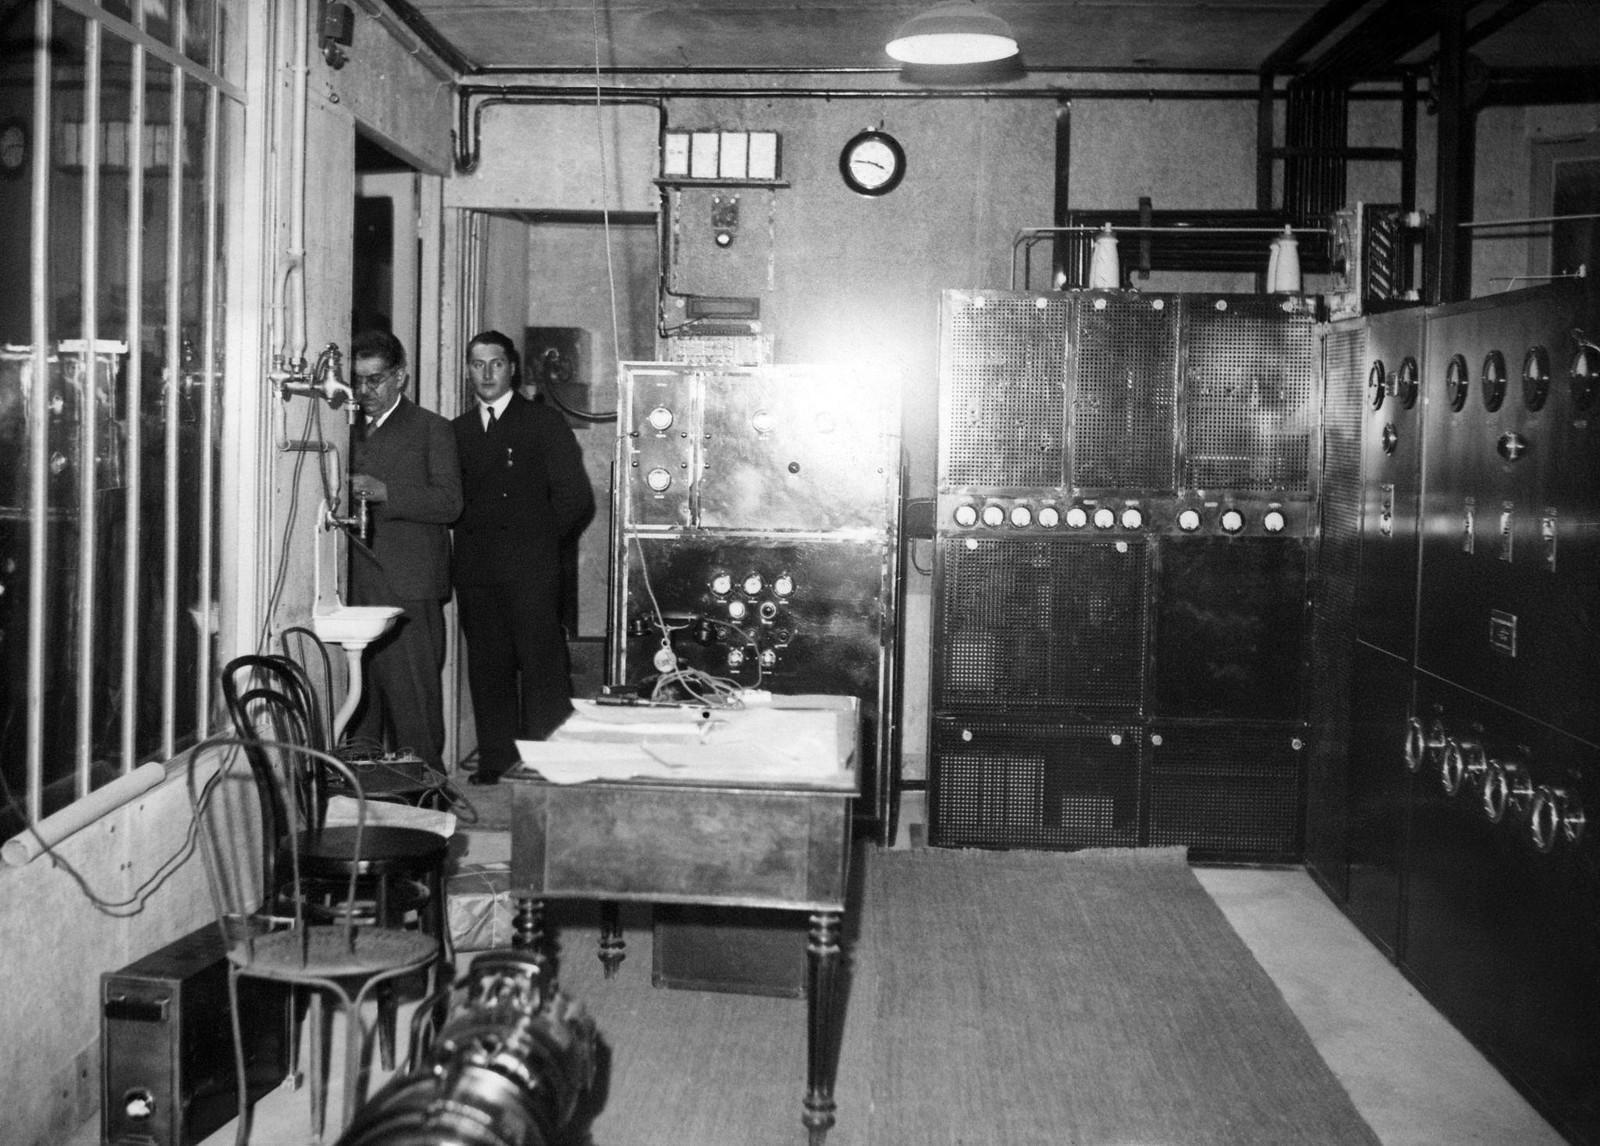 14. 1935. Включение телевизионного передатчика на Эйфелевой башне во время его первого испытания